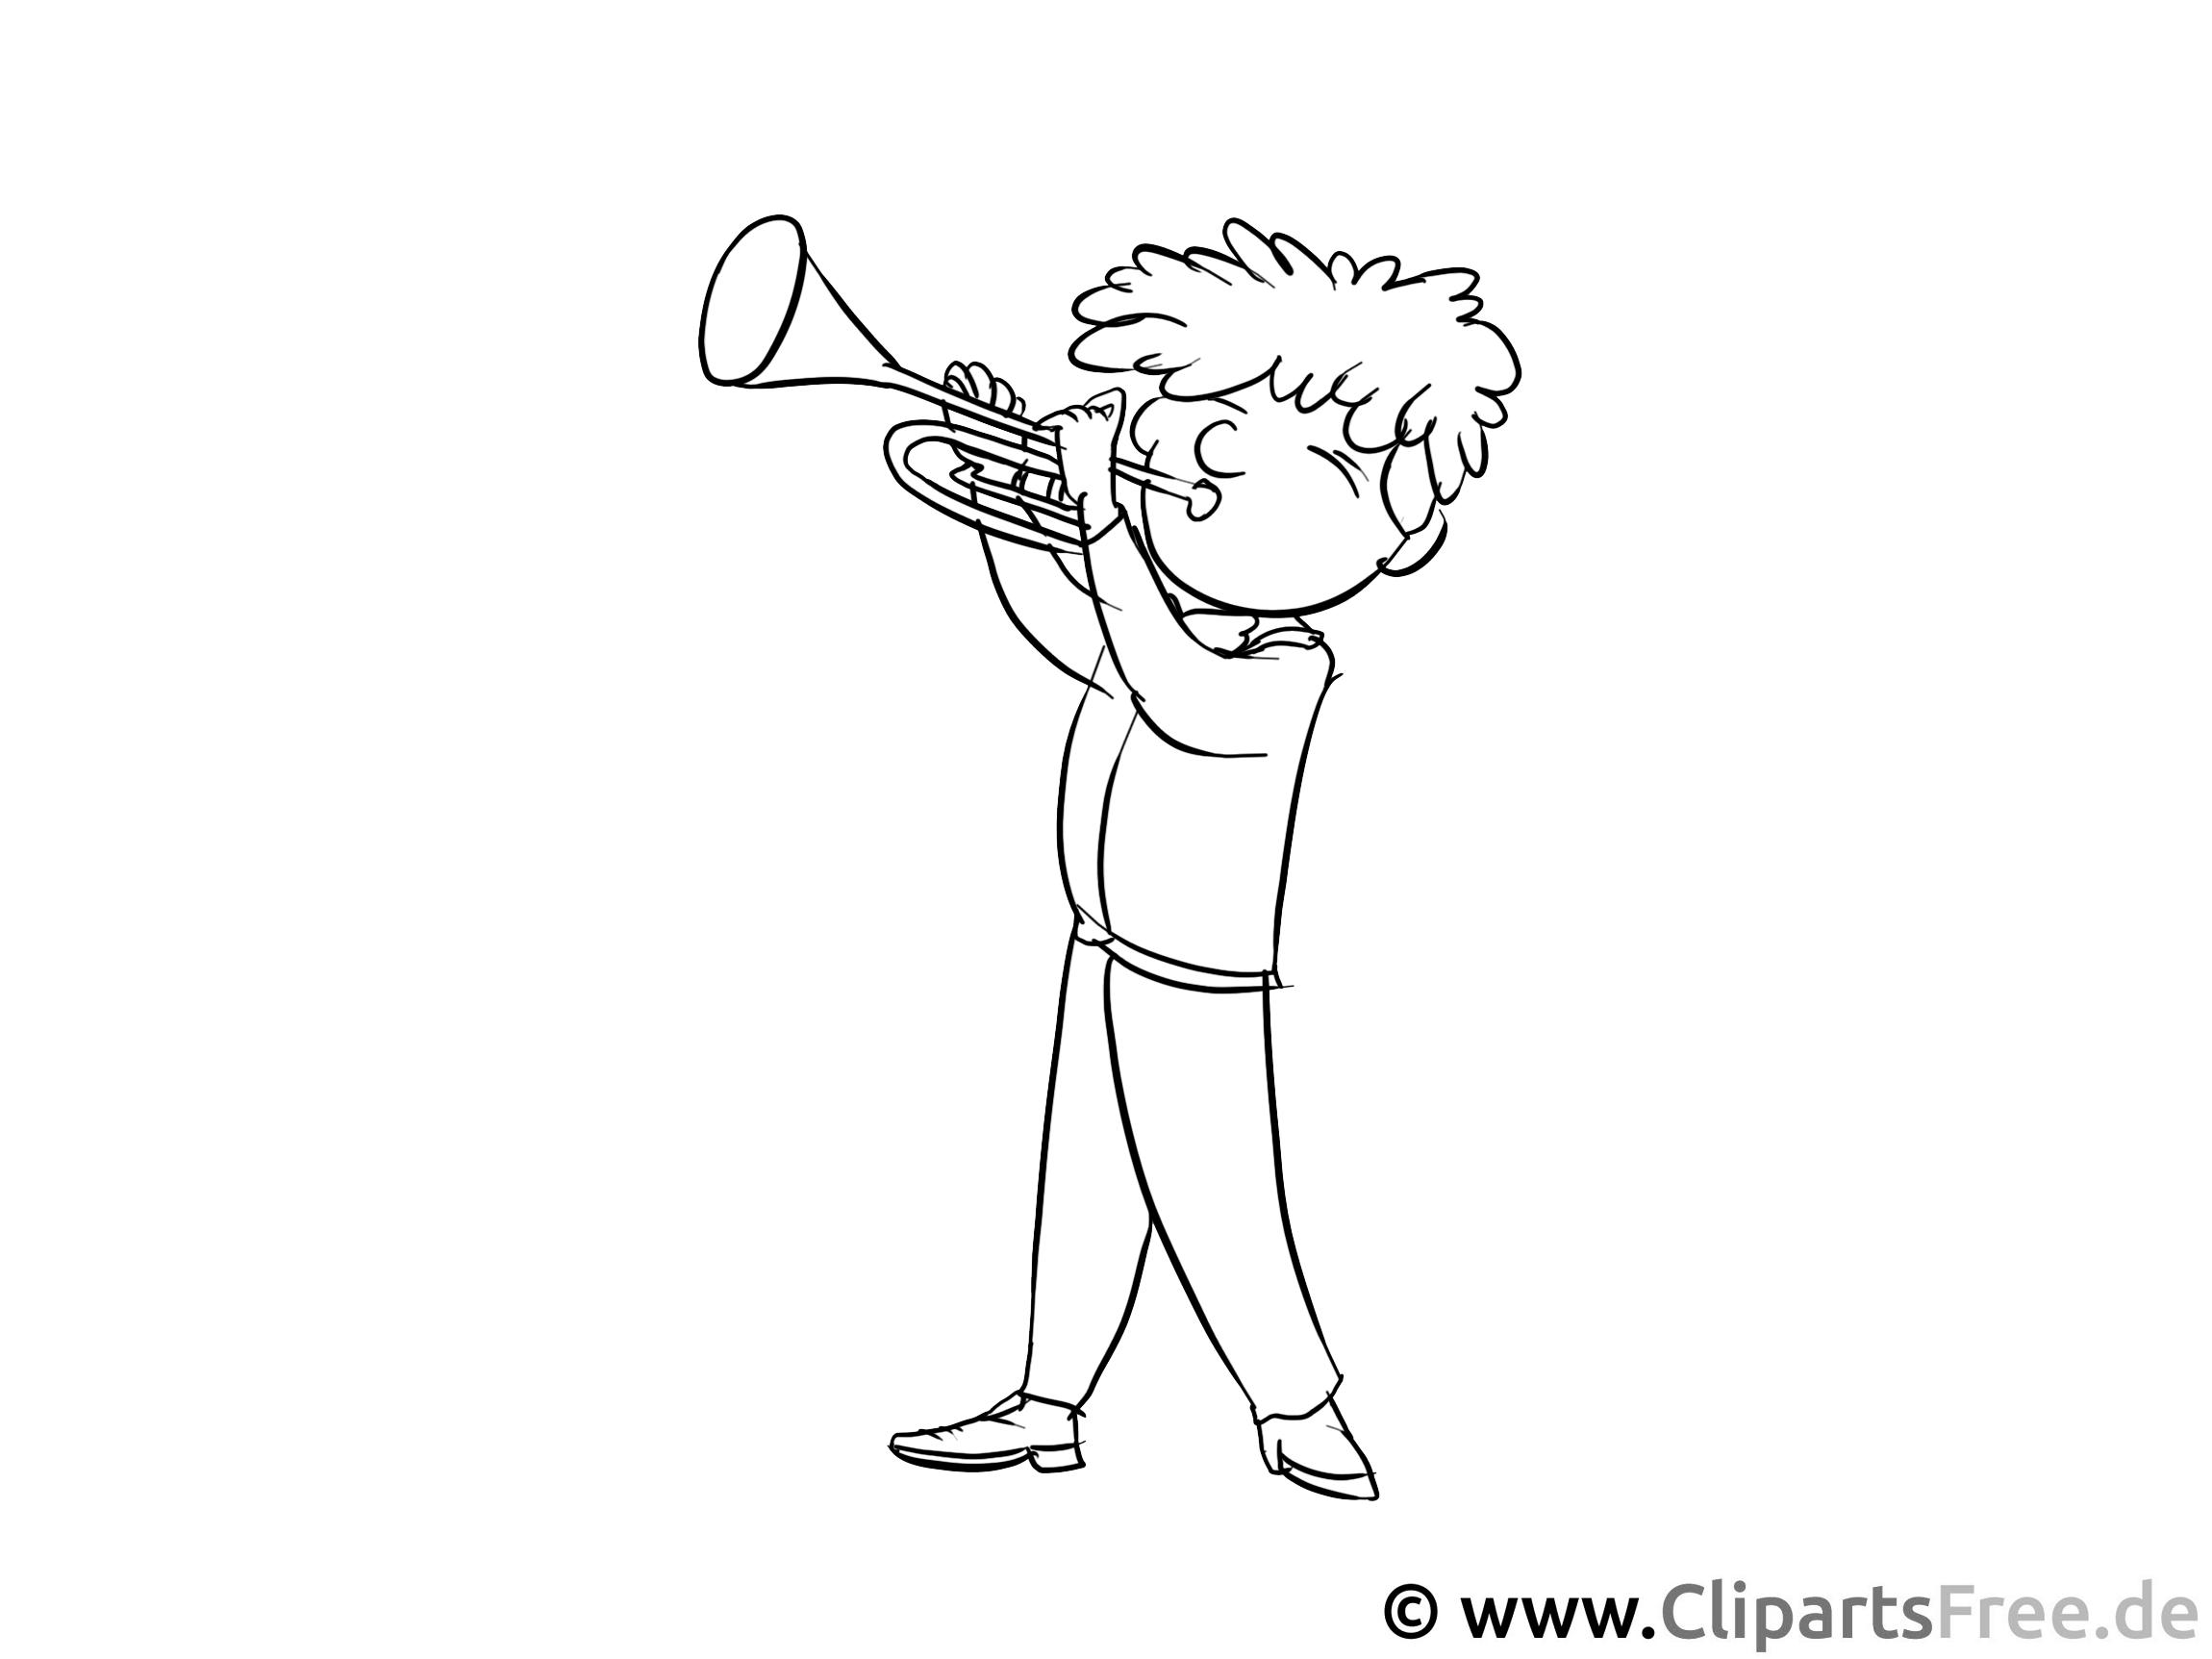 Musiker, Trompete Malvorlage - Berufe Ausmalbilder für den Unterricht